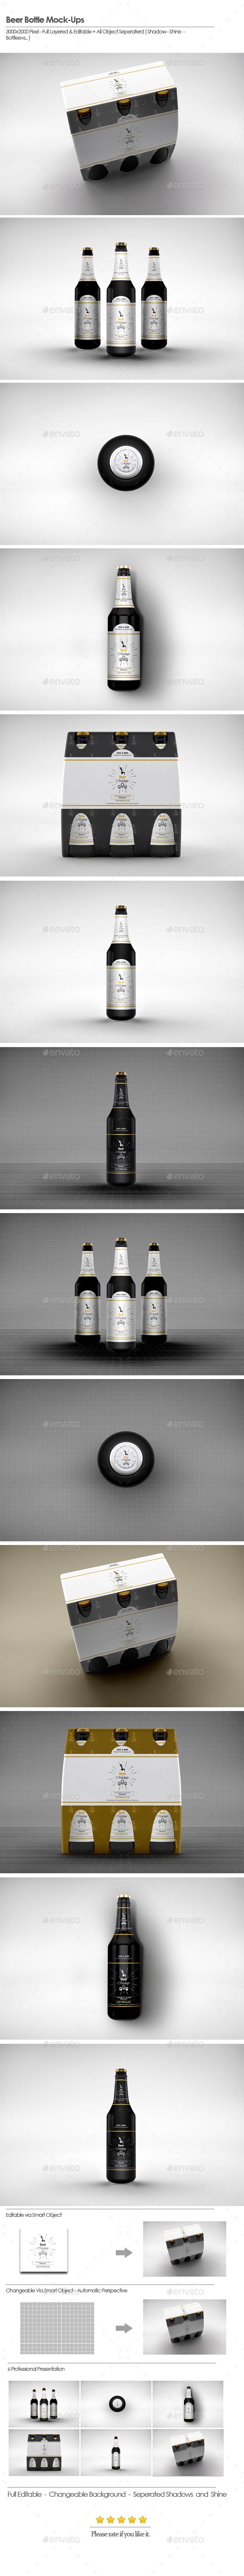 Beer Bottle Mock-Ups 2